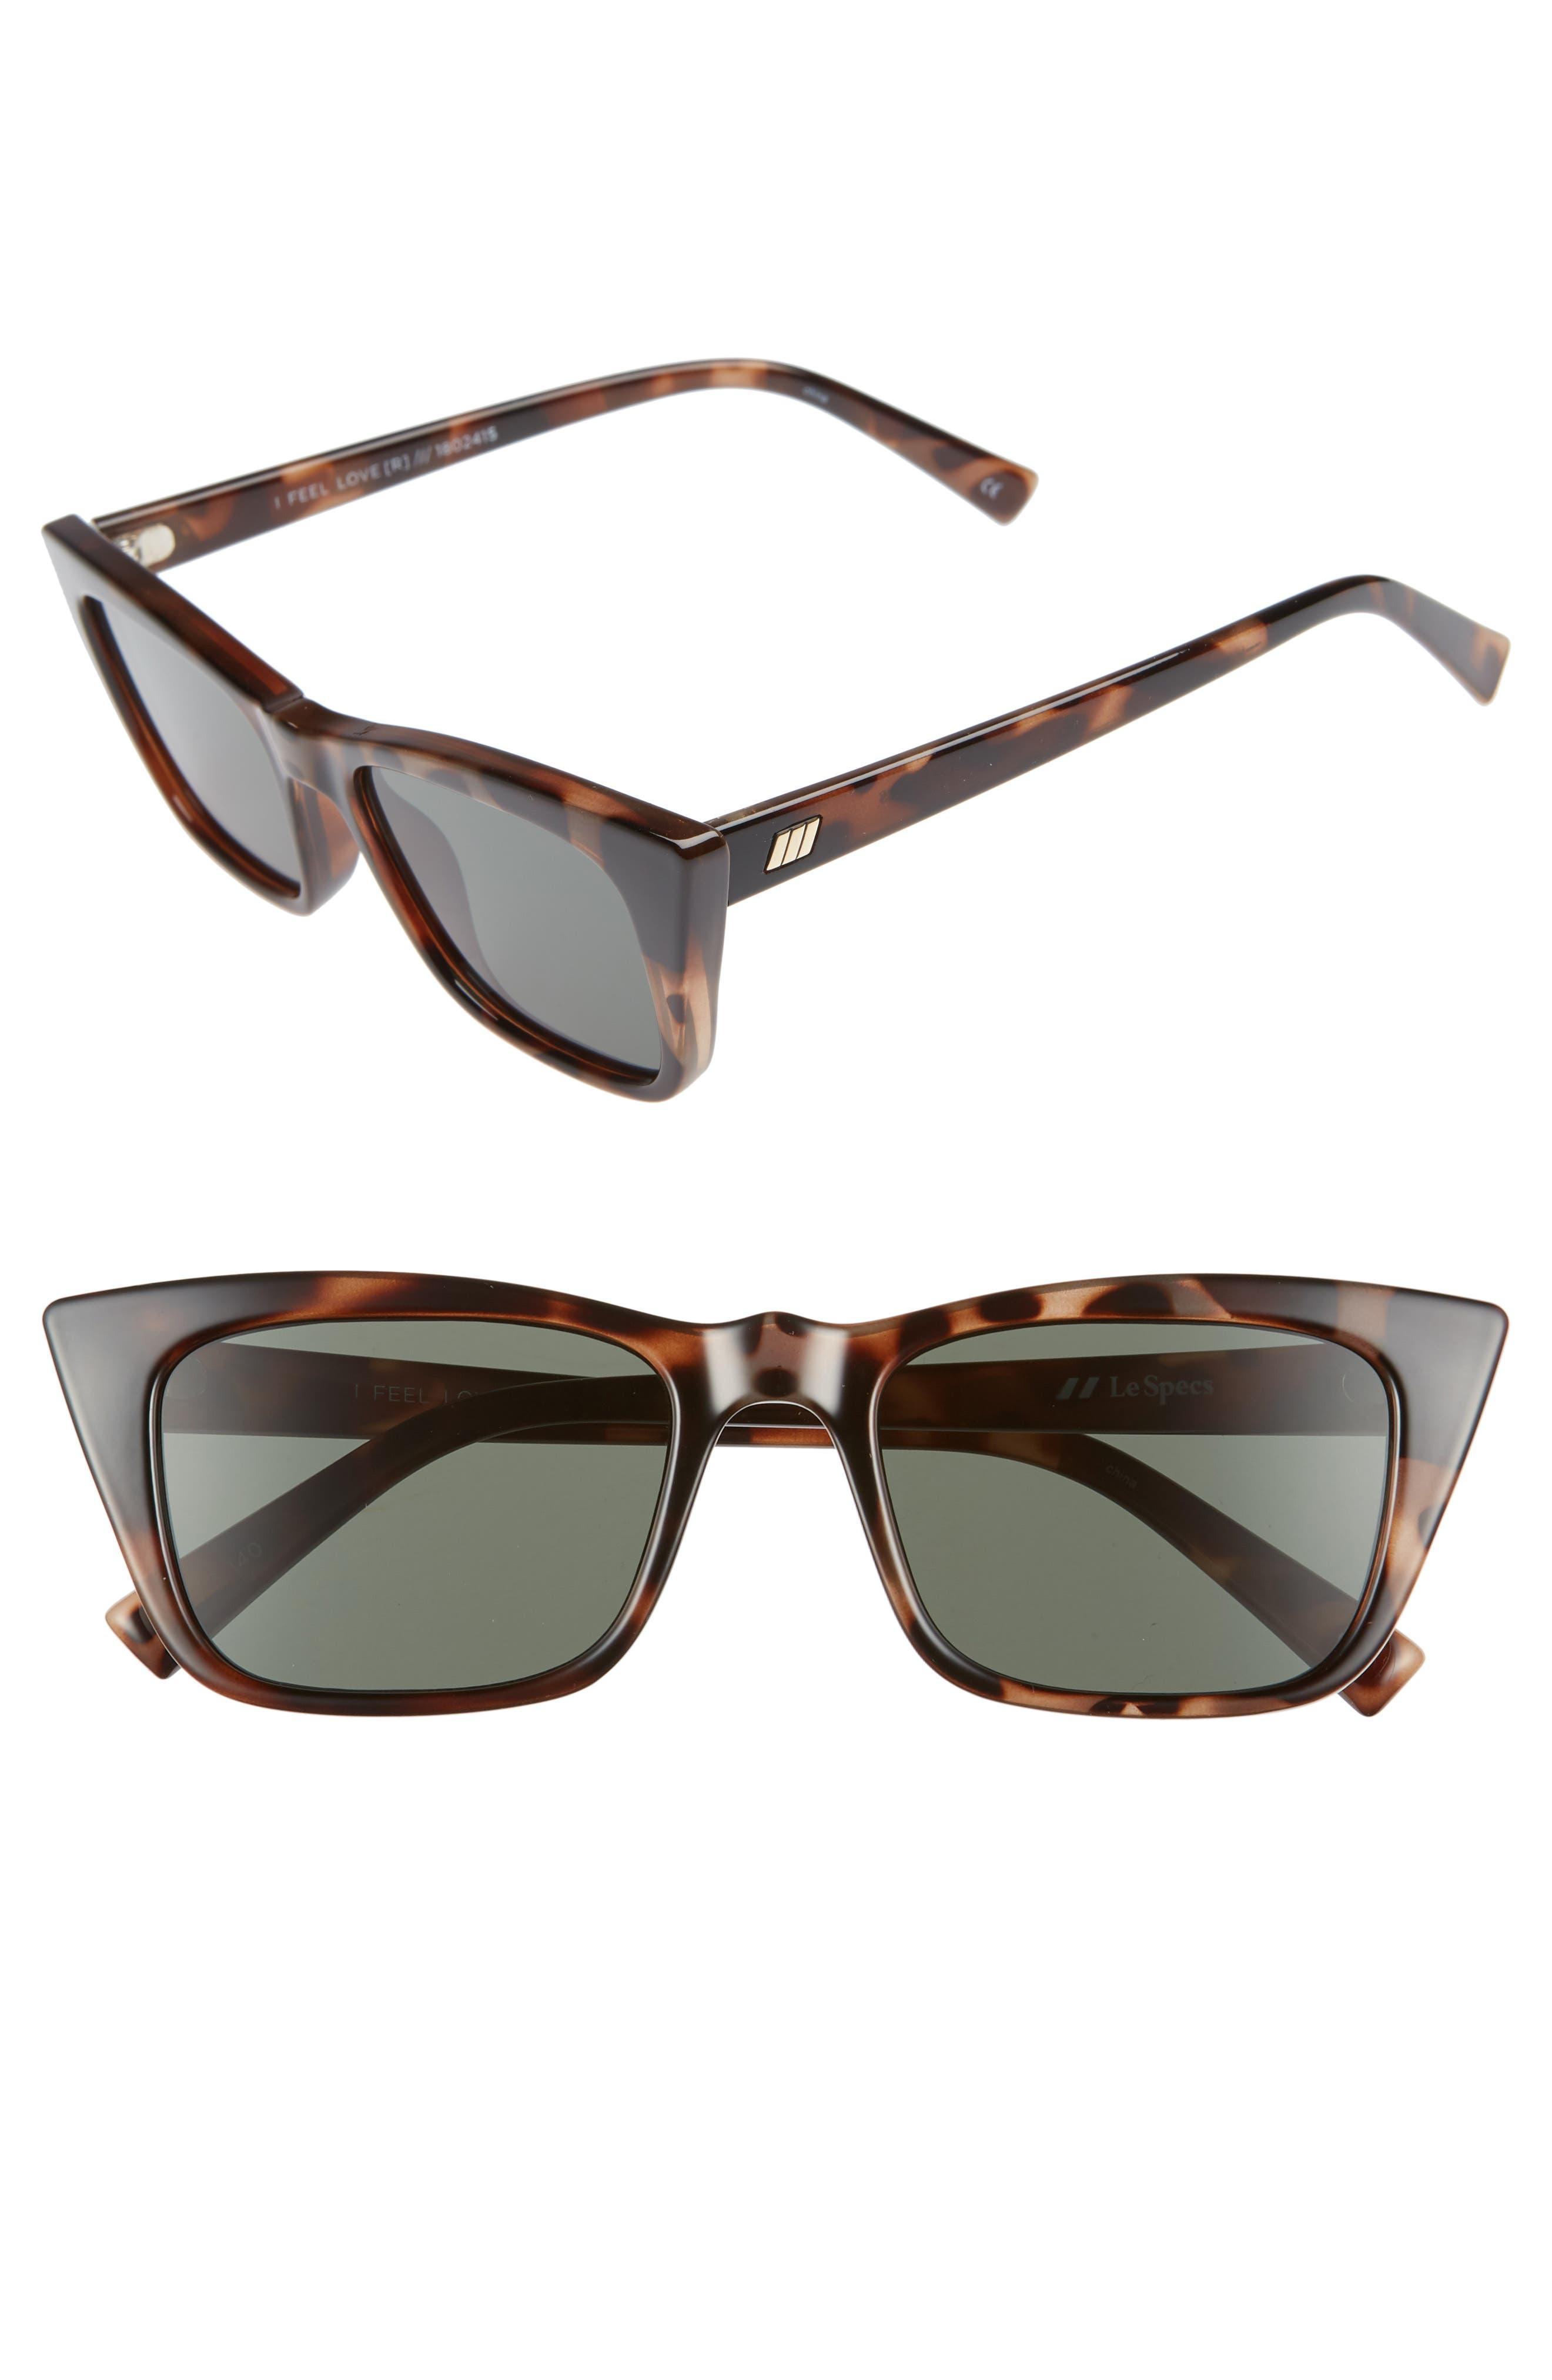 I Feel Love 51mm Cat Eye Sunglasses,                             Main thumbnail 1, color,                             VOLCANIC TORTOISE